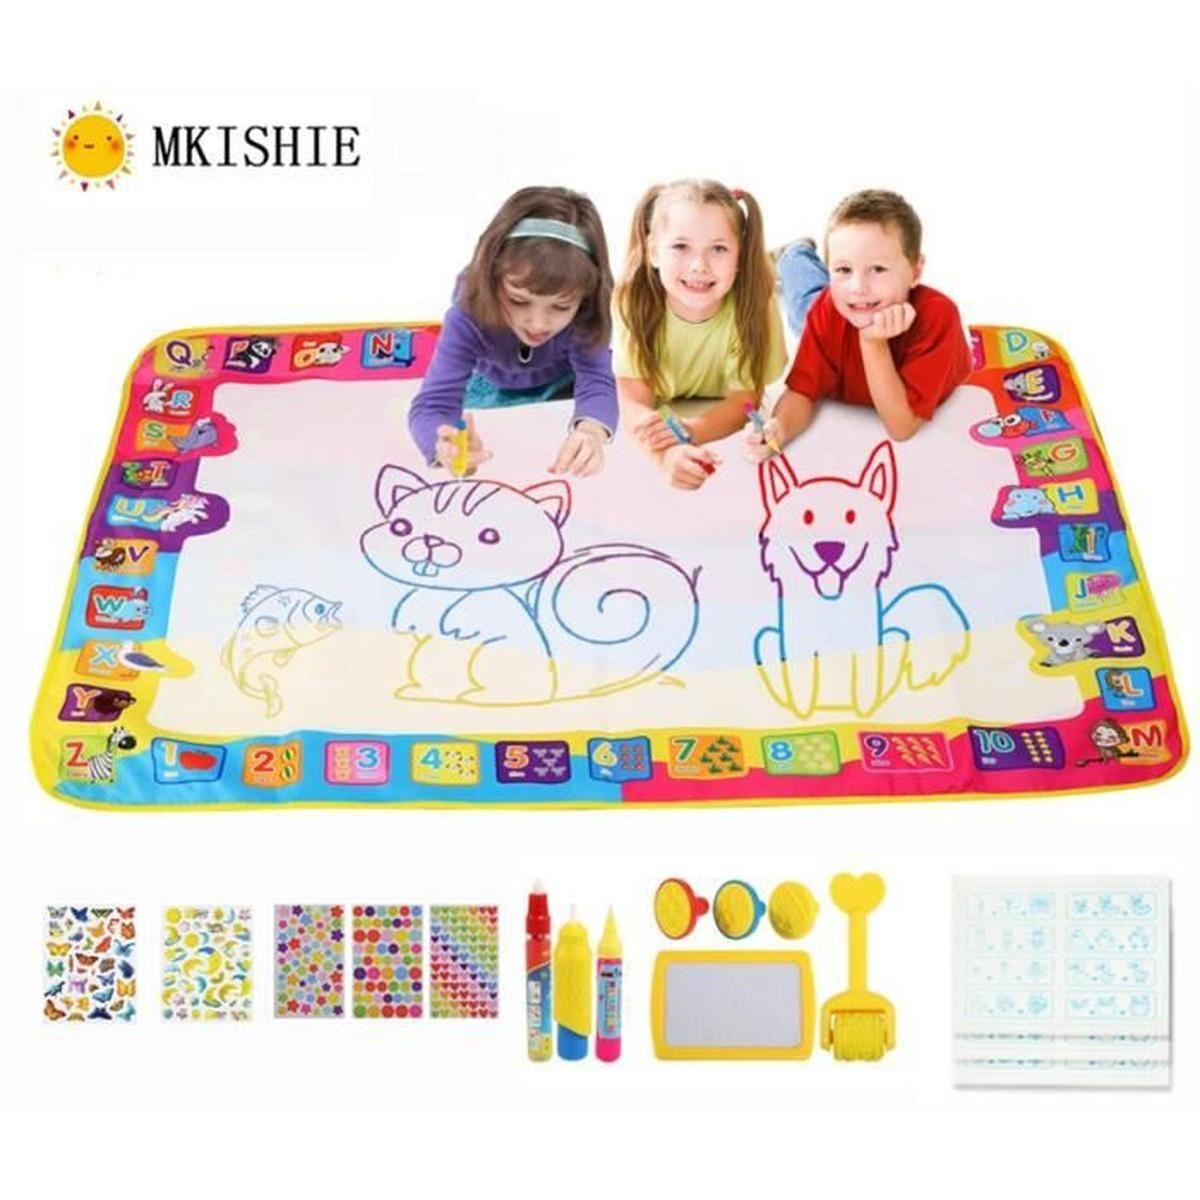 Mkishine® Tapis Dessin Aquadoodle, 100*70Cm Enfant Doodle concernant Jeux Enfant Dessin